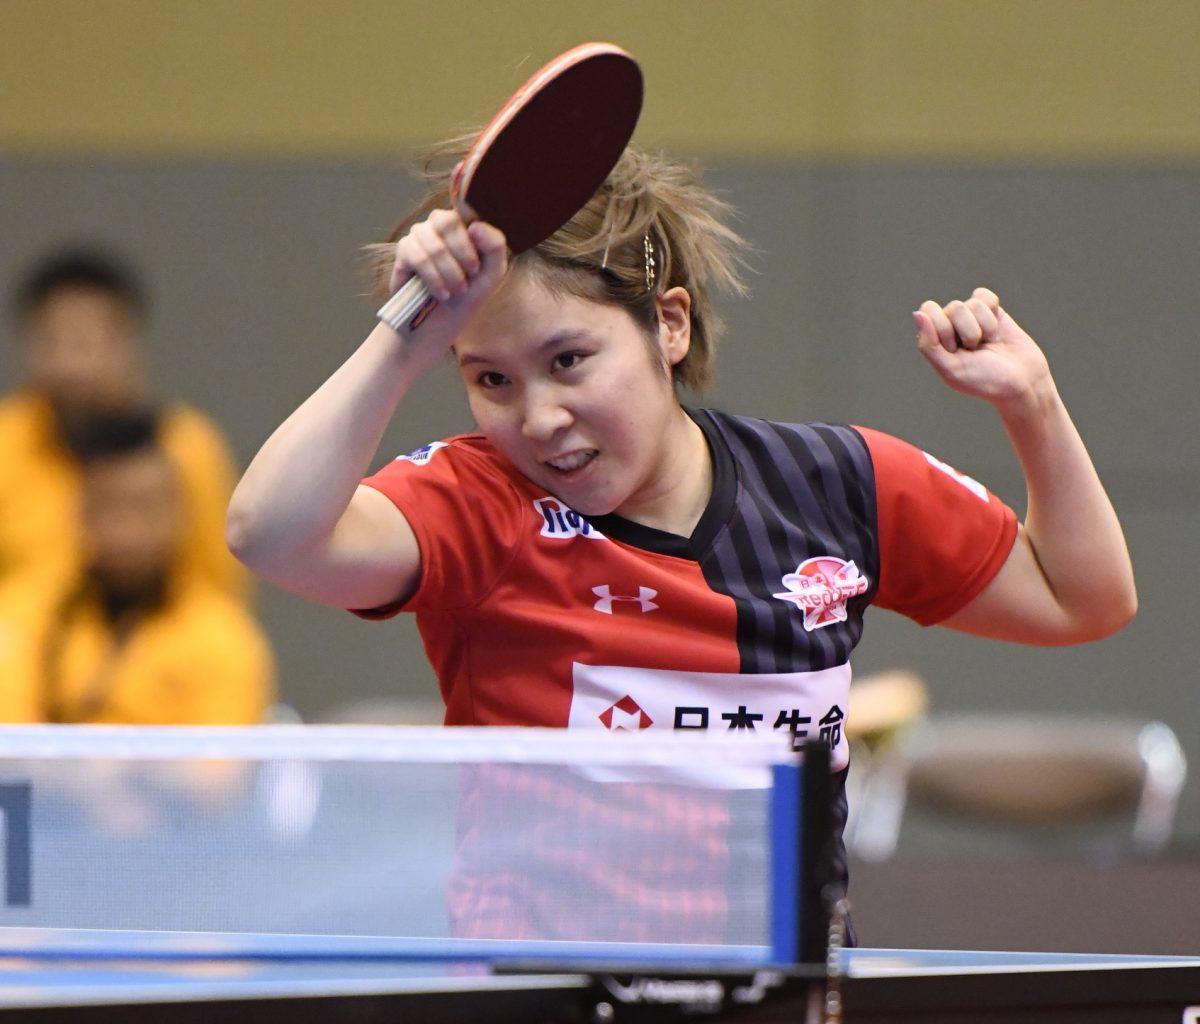 平野美宇、今季初勝利 森さくらが2勝で日本生命首位固め<卓球・Tリーグ試合速報>